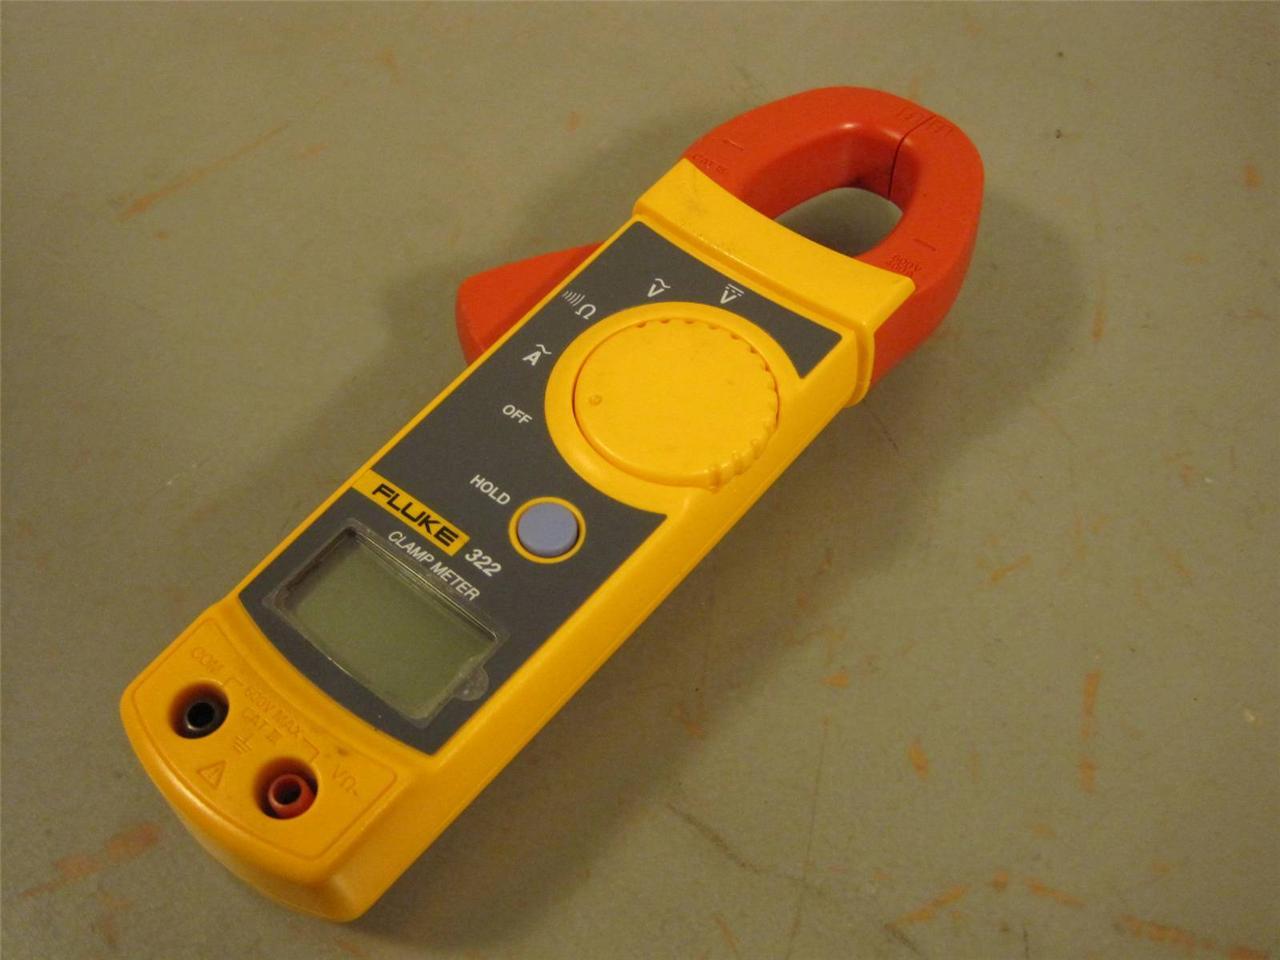 Fluke 322 Clamp Meter : Fluke digital clamp meter voltmeter multi new